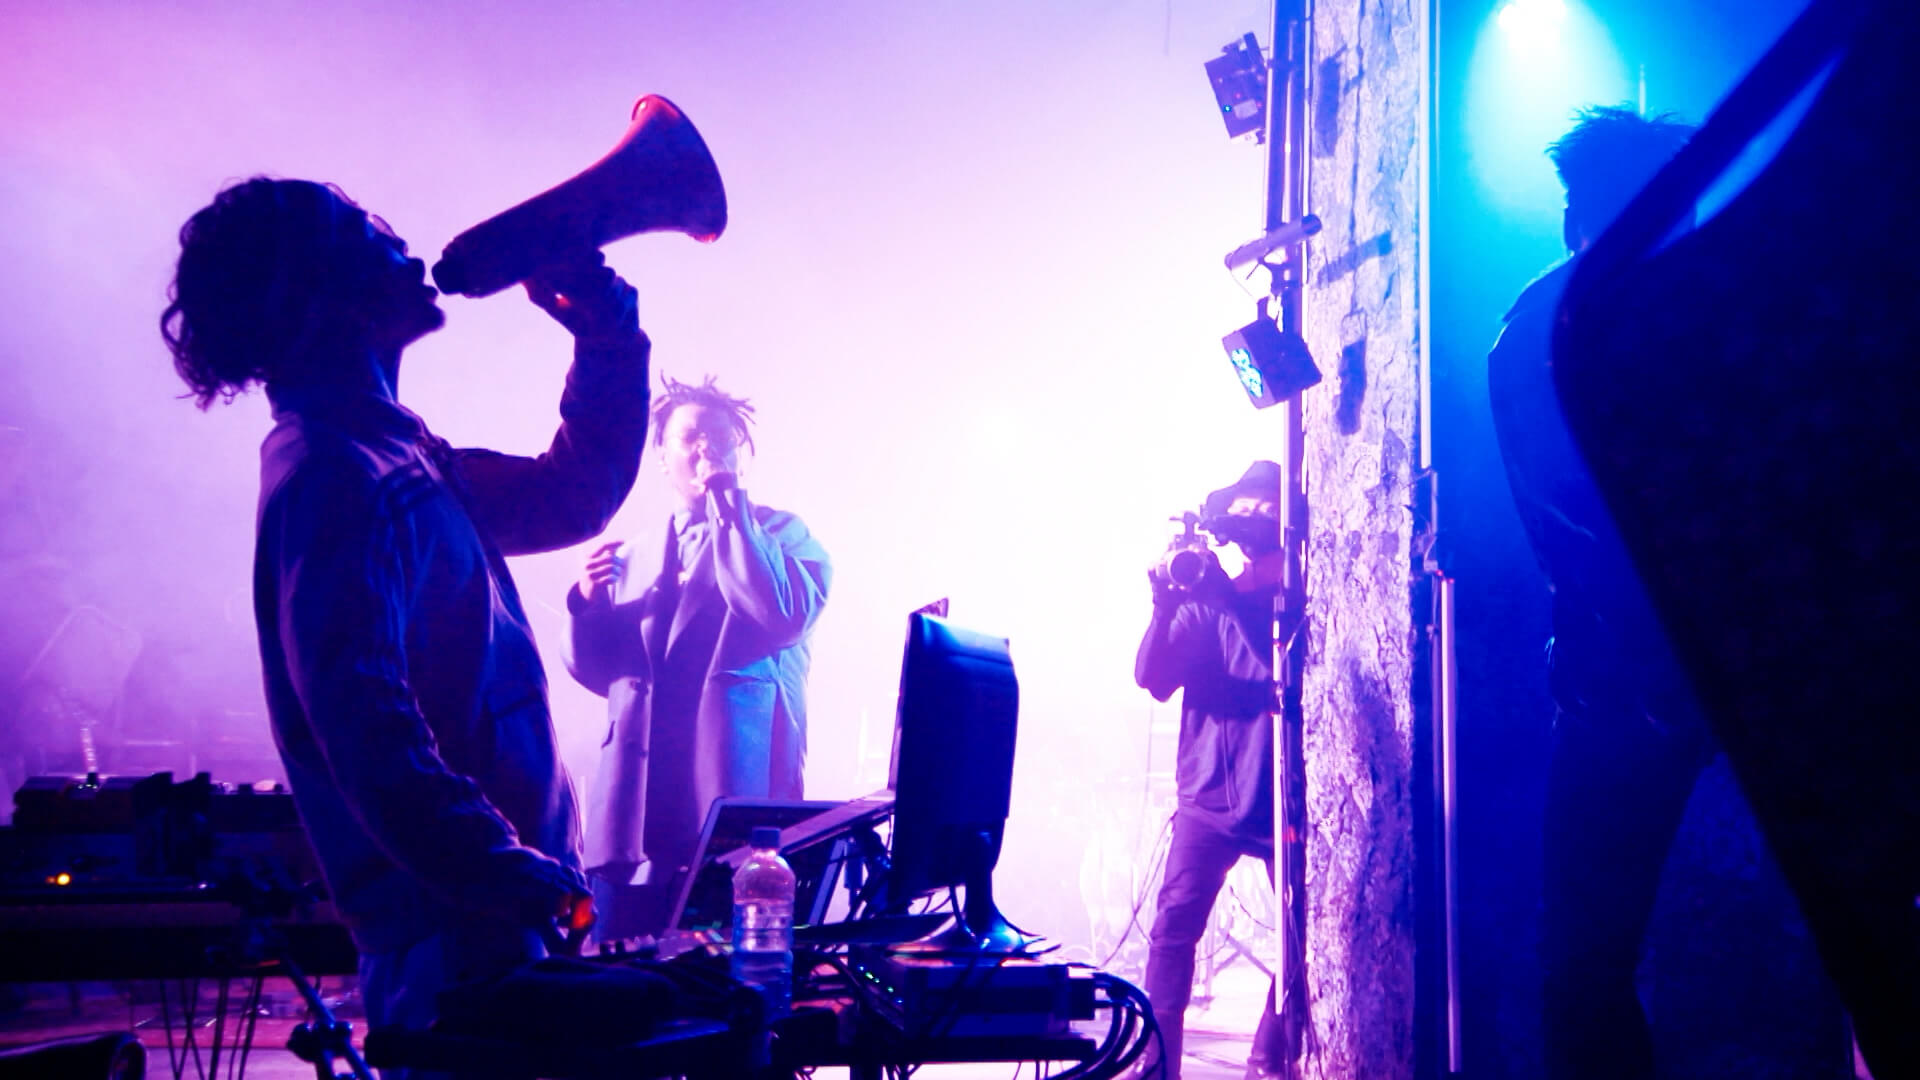 """『竜とそばかすの姫』主題歌""""U""""が話題のmillennium paradeによる<Splendour XR>でのライブ映像が公開中! music210726_millenniumparade_3"""